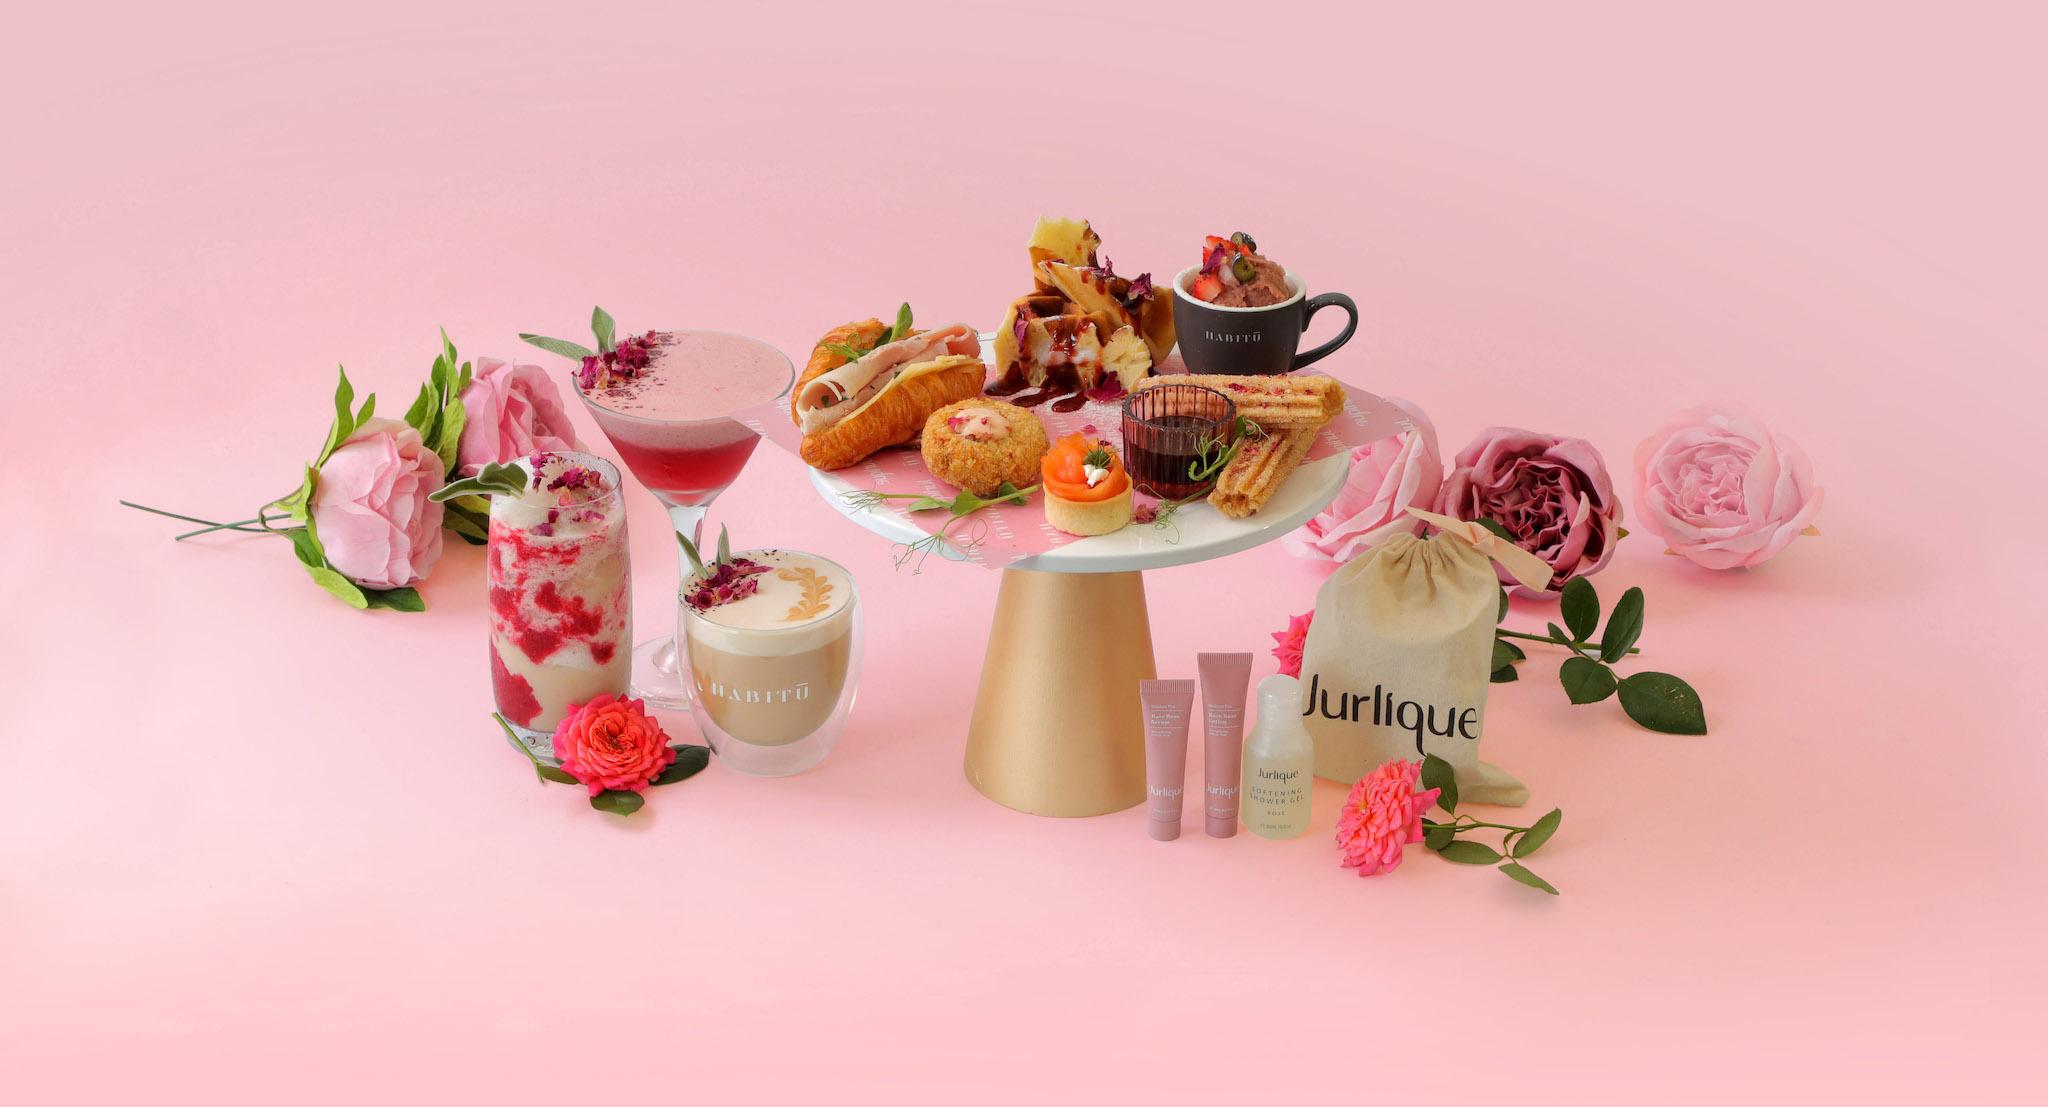 HABITŪ 聯乘Jurlique 推出玫瑰下午茶